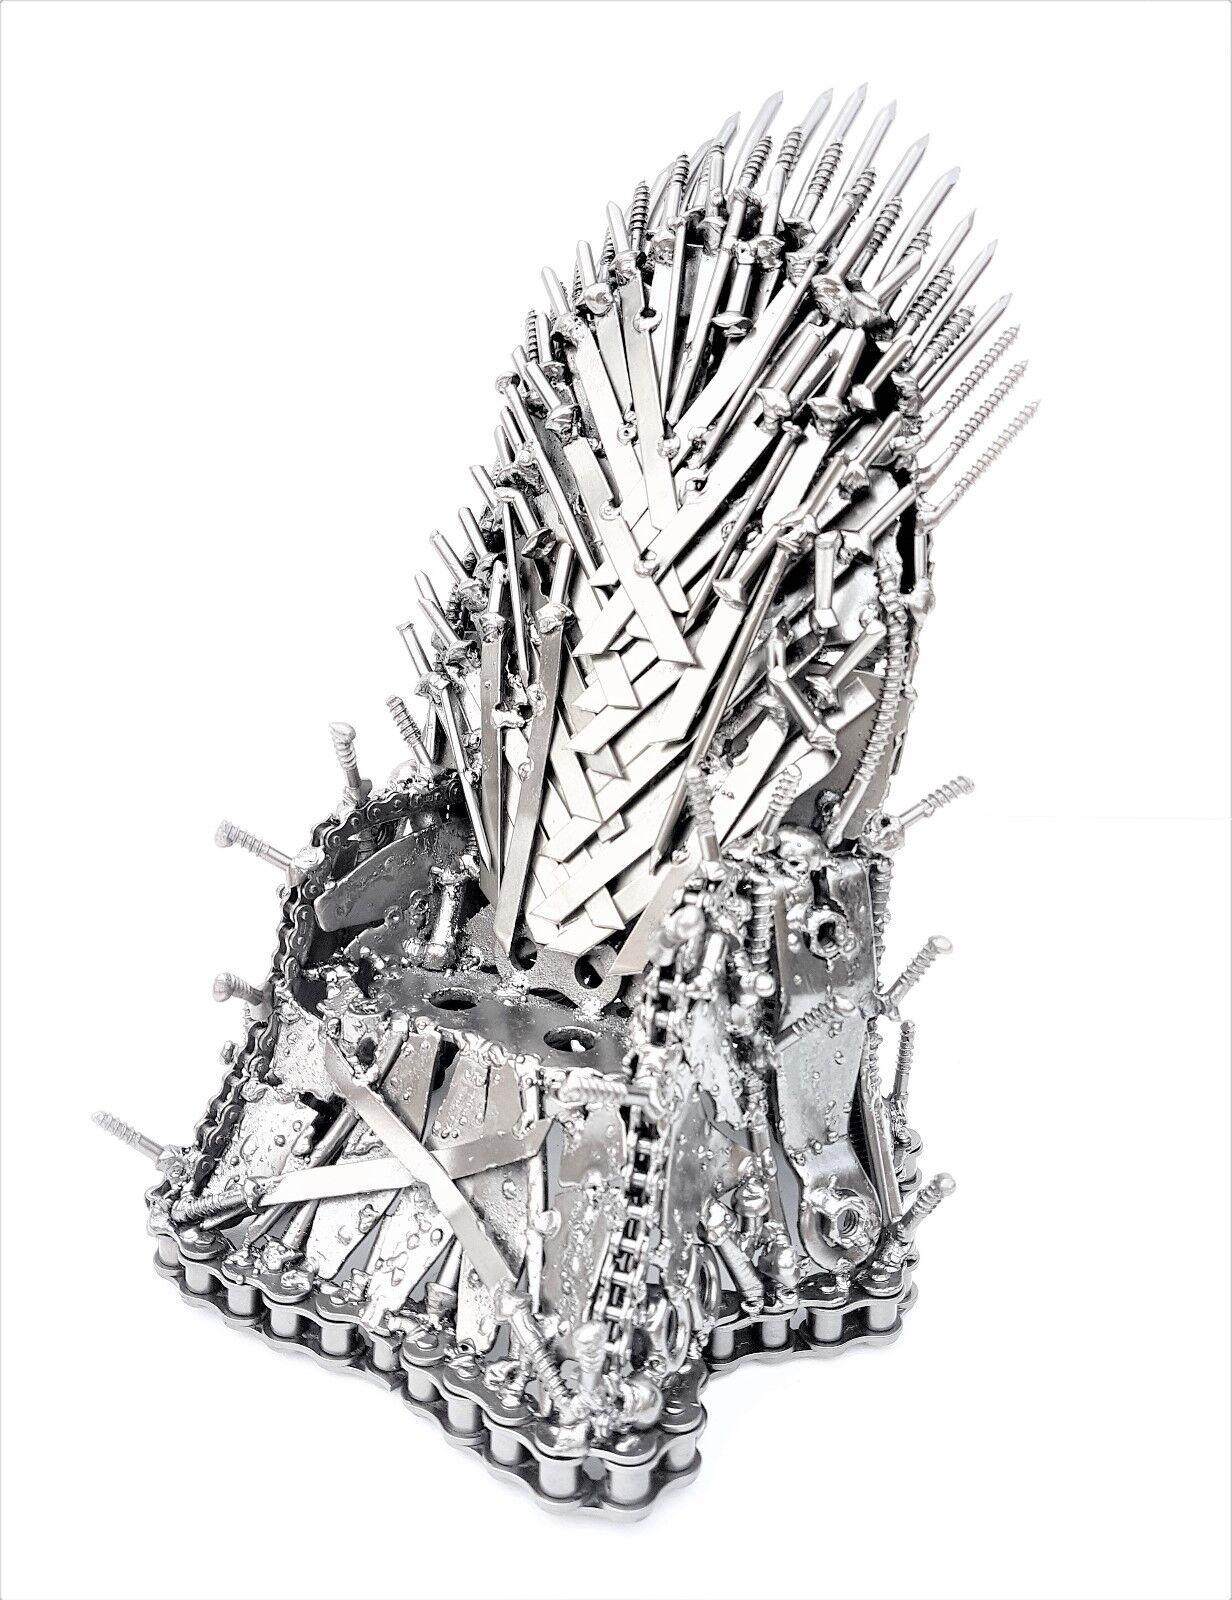 Juegos de tronos trono de hierro figura Modelo Producciones Arte del metal escultura